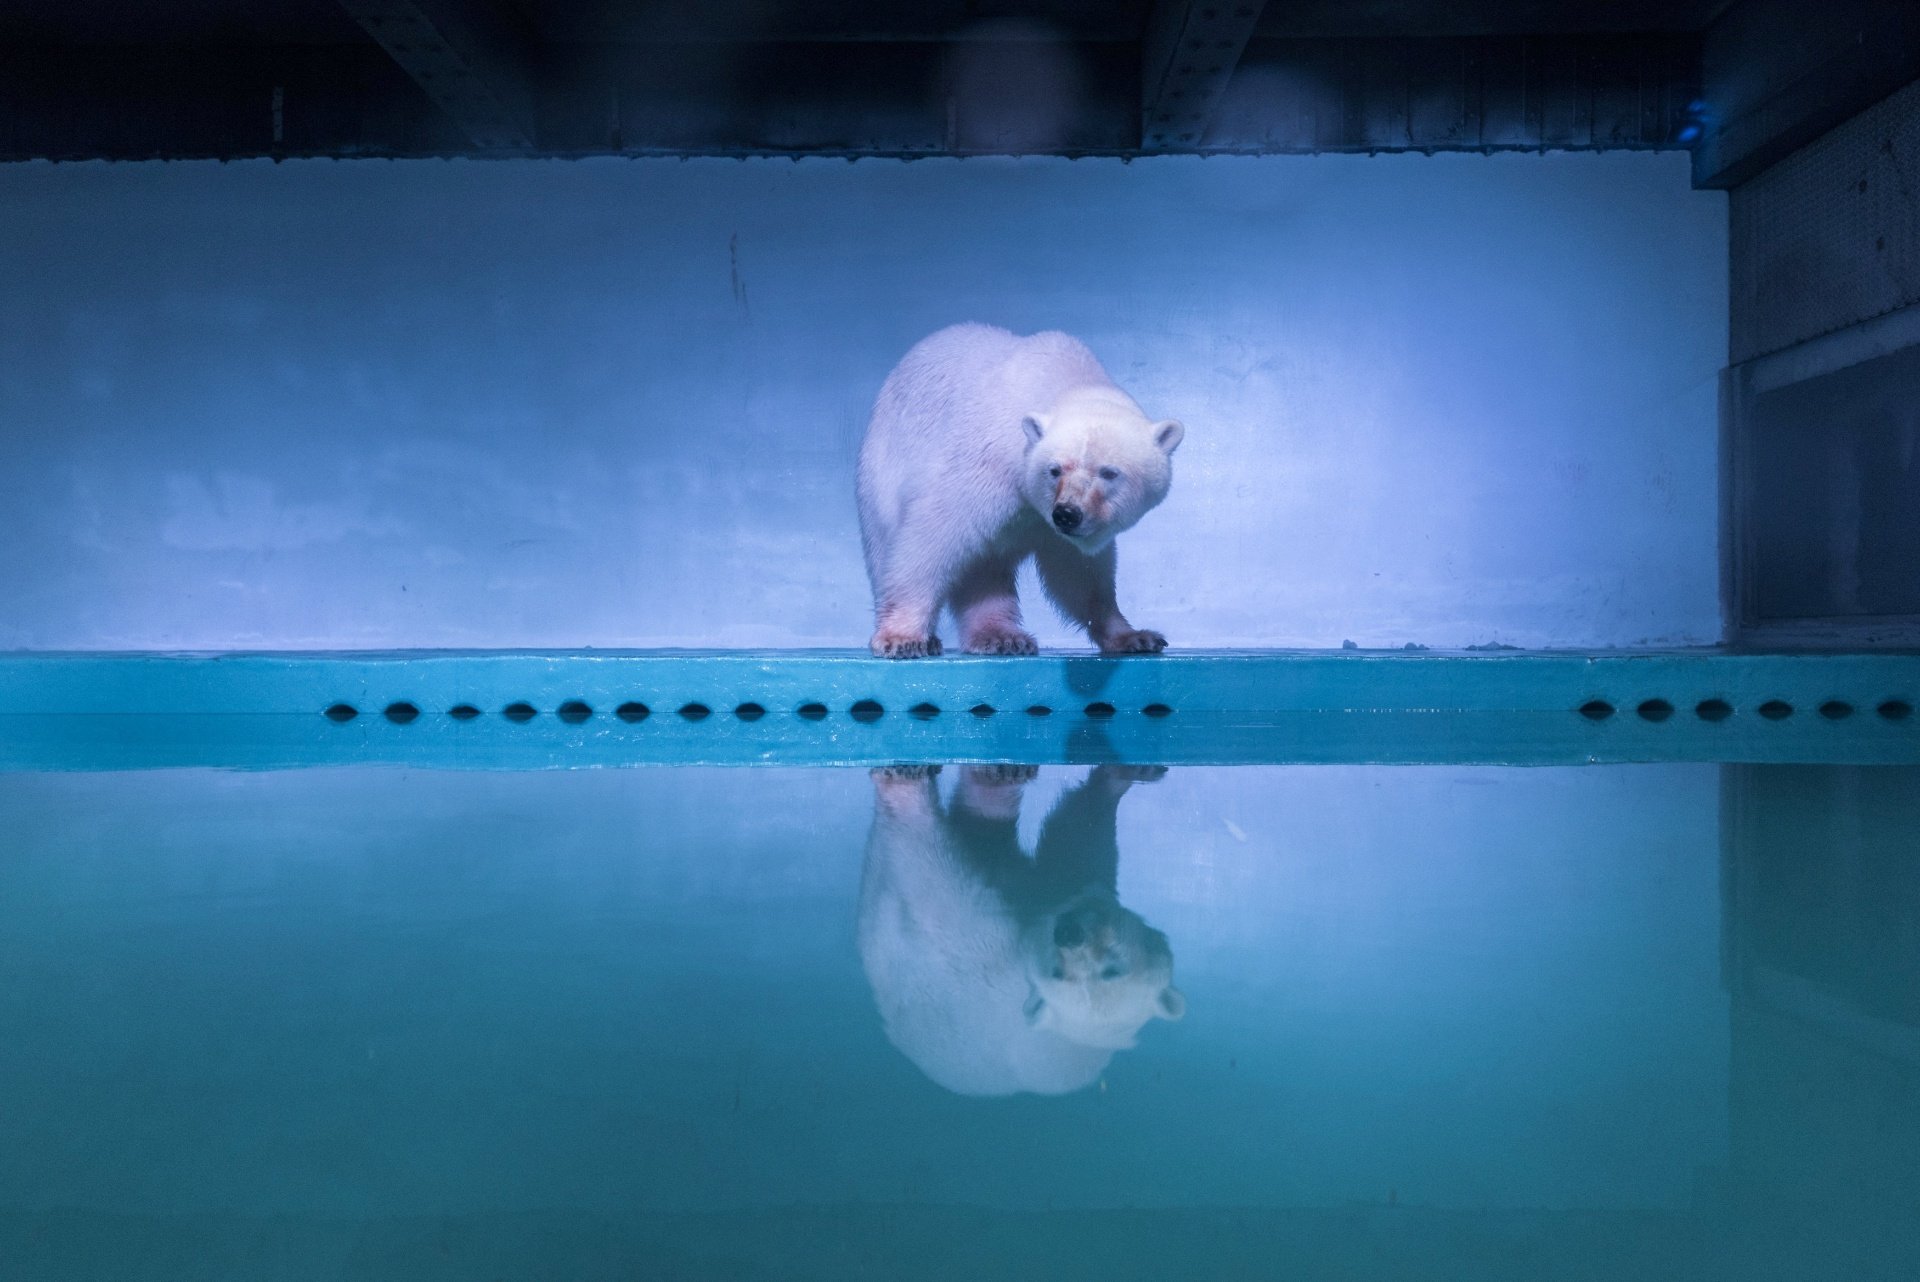 28.jul.2016 - Mais de 500 mil ativistas assinaram petição pelo fechamento do aquário em um shopping center onde vive um urso-polar na China. O animal, chamado Pizza, recebeu o apelido de